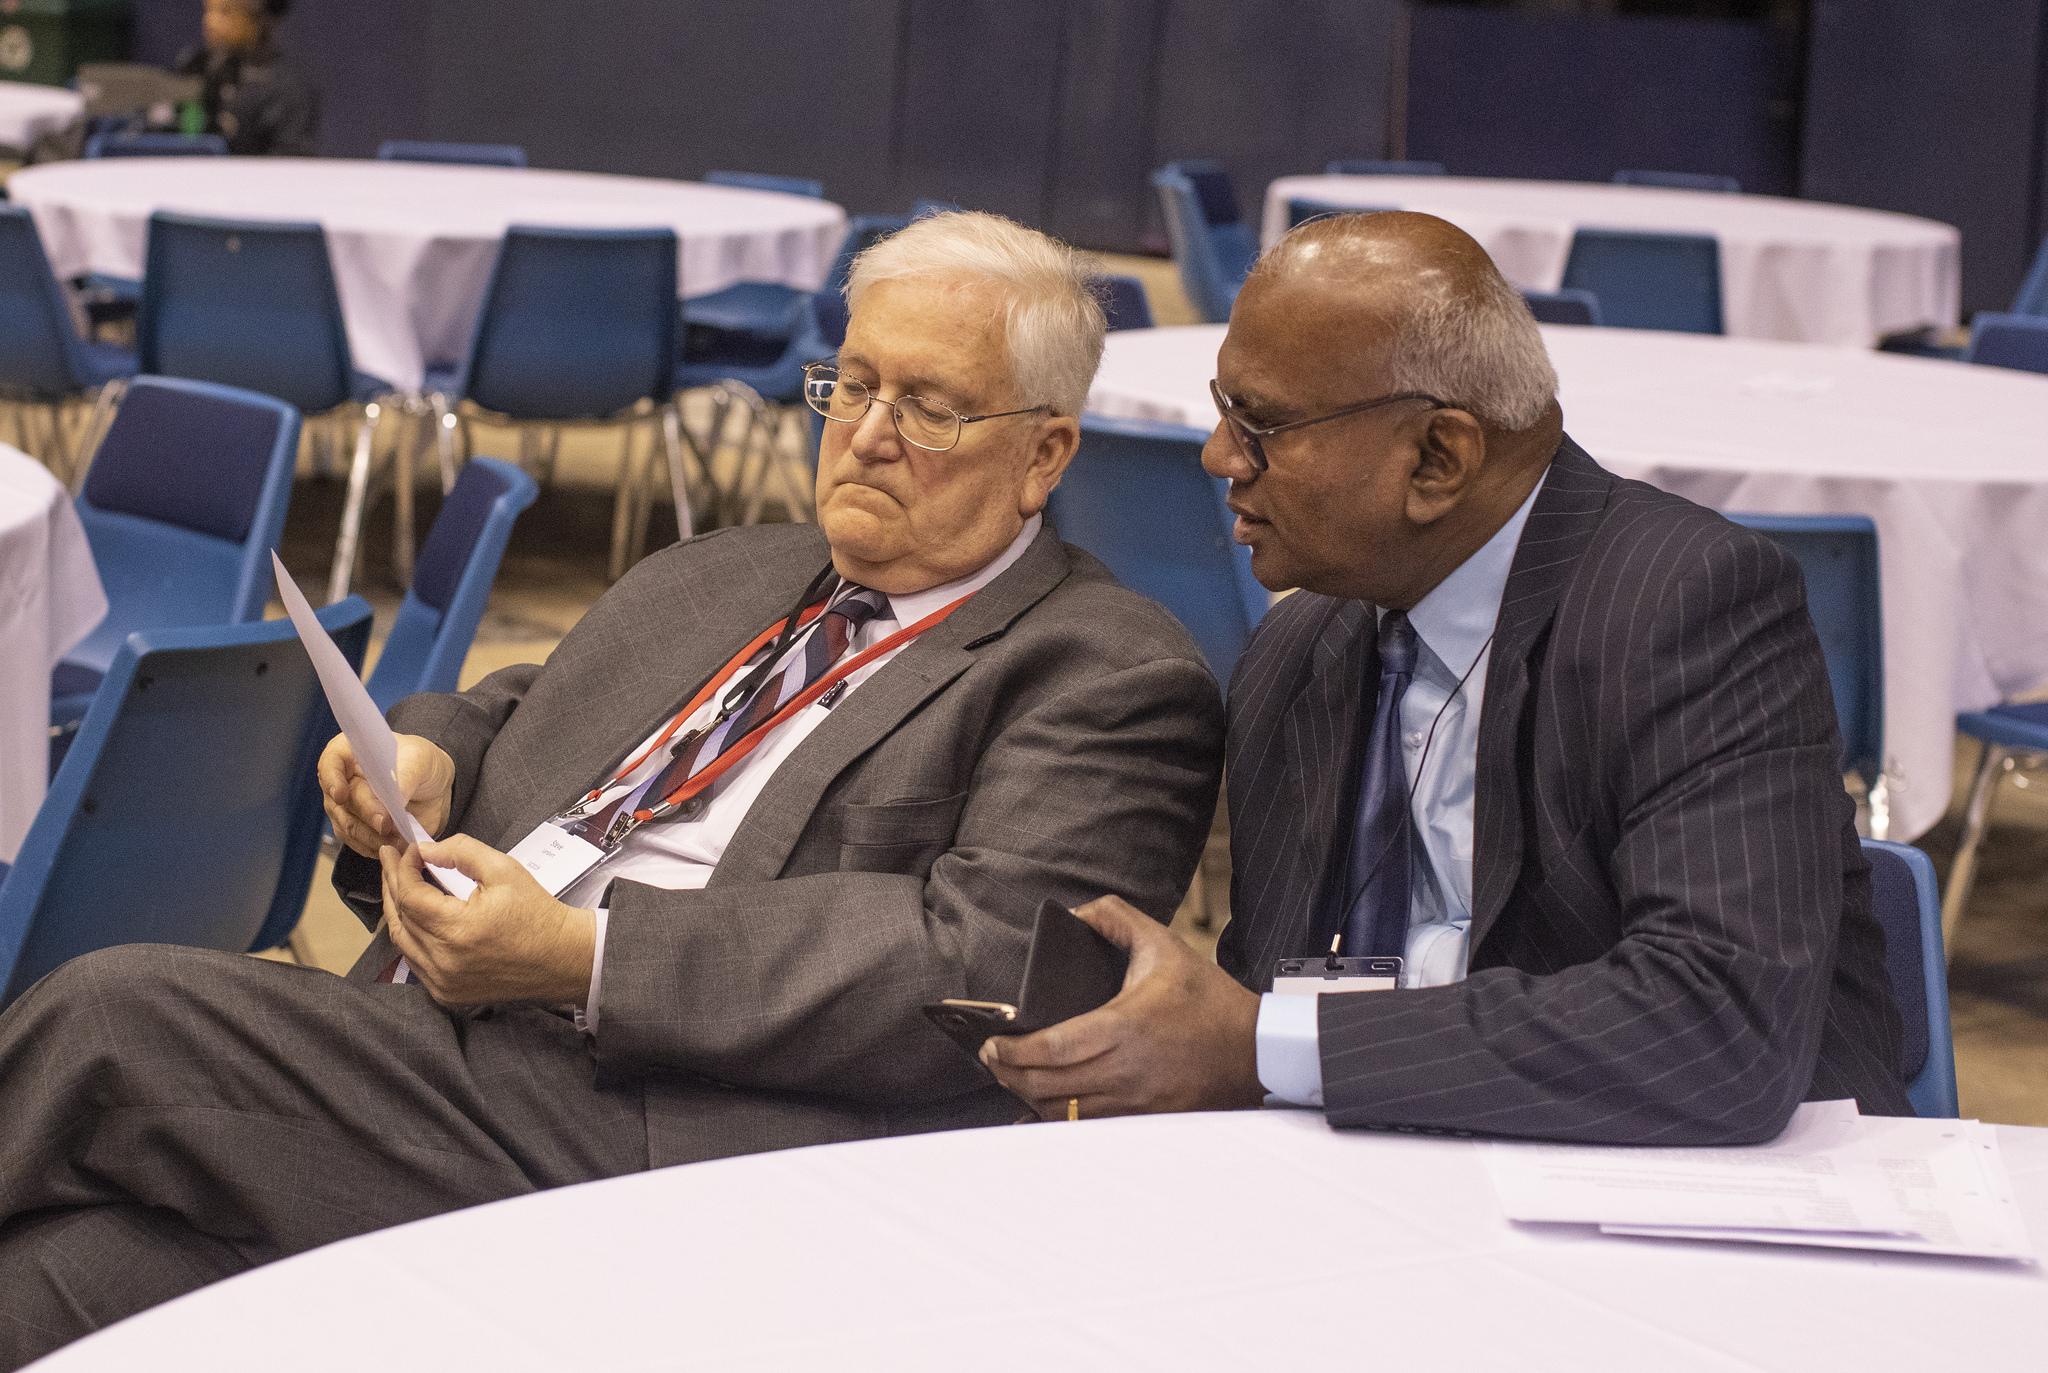 Steven Lambert (à gauche), avocat général, et A. Moses Kumar, secrétaire général et trésorier,   tous deux du Conseil Général des Finances et de l'Administration, écoutent attentivement lors   de la Conférence Générale 2019 de l'Eglise Méthodiste Unie à St. Louis, le 25 Février. Photo   de Kathleen Barry, UMNS.